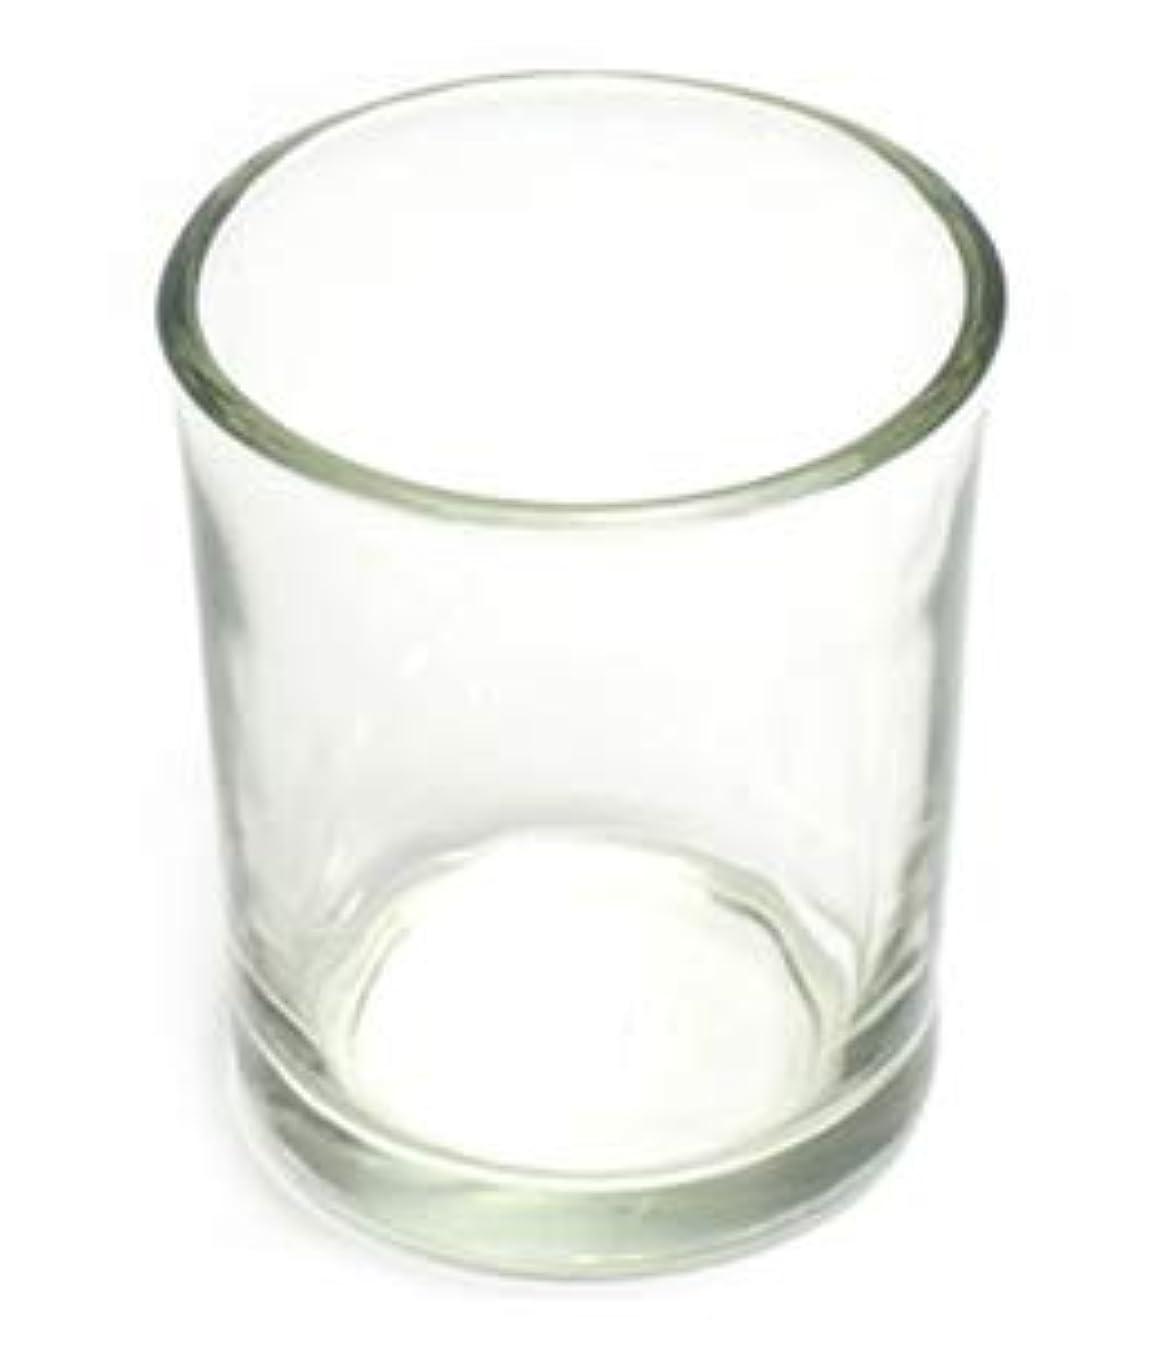 太鼓腹船尾工場キャンドルホルダー ガラス シンプル[小] 192個【キャンドルスタンド 透明 クリア おしゃれ ろうそく立て】